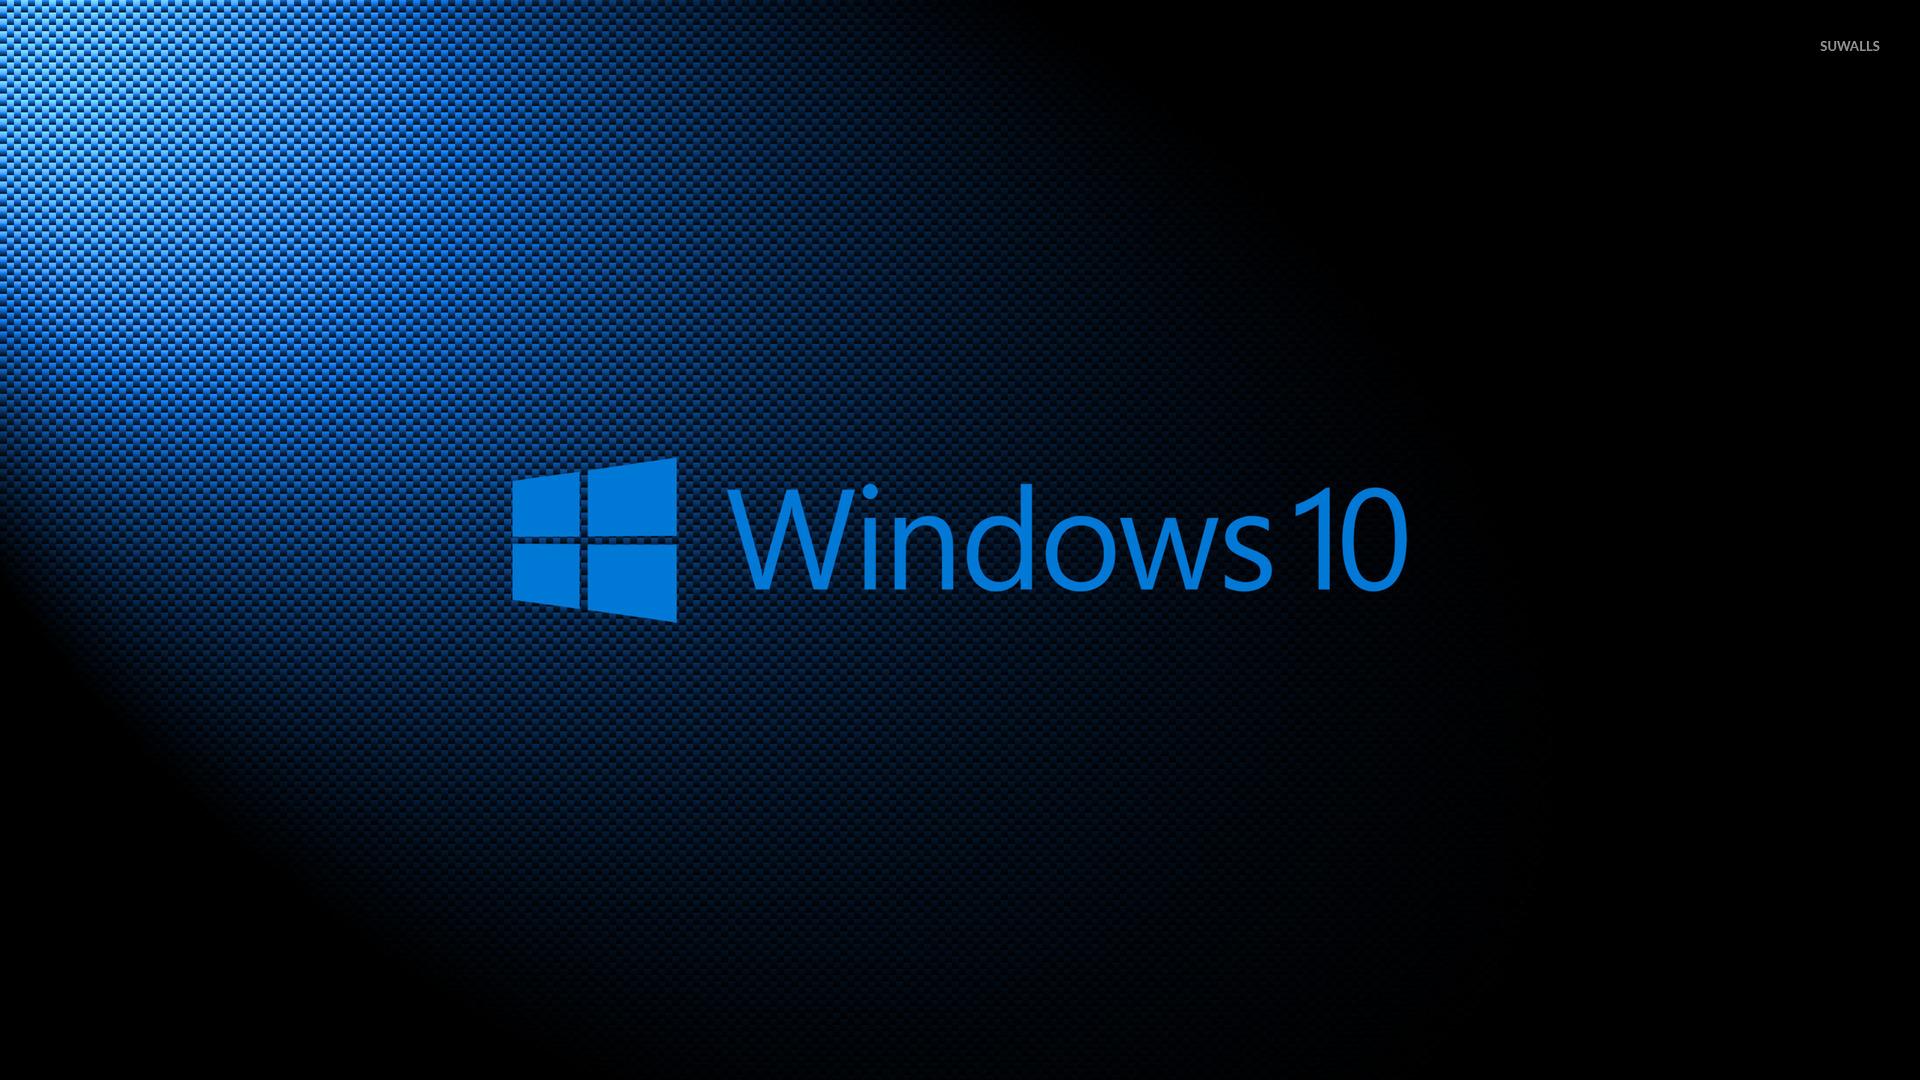 Живые обои на рабочий стол  скачать бесплатно для Windows 7